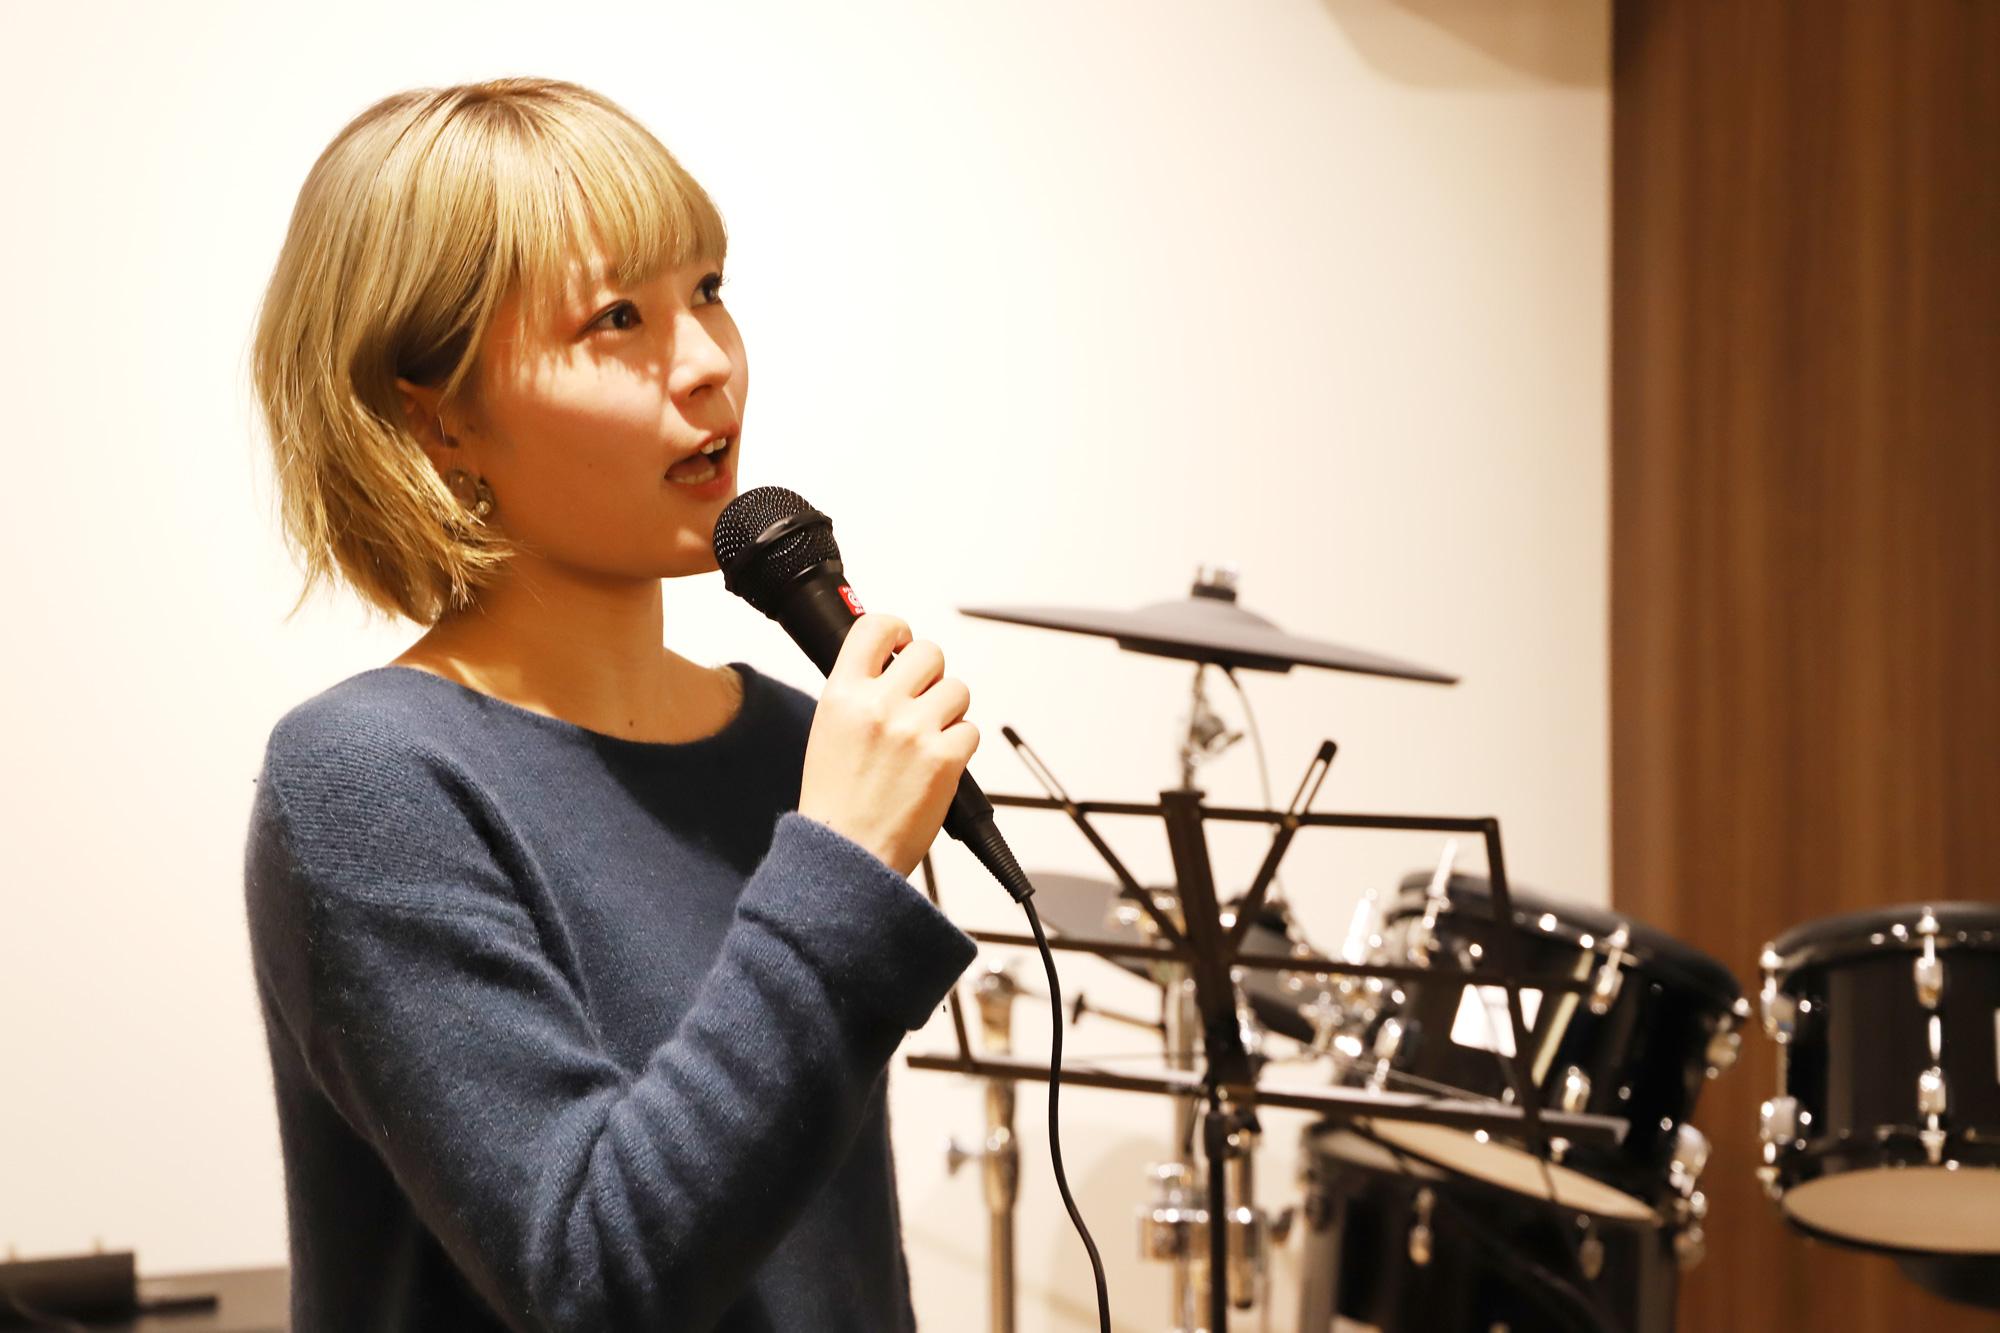 東京【吉祥寺】のボーカル(ボイトレ)教室 MUZYX[ミュージックス]